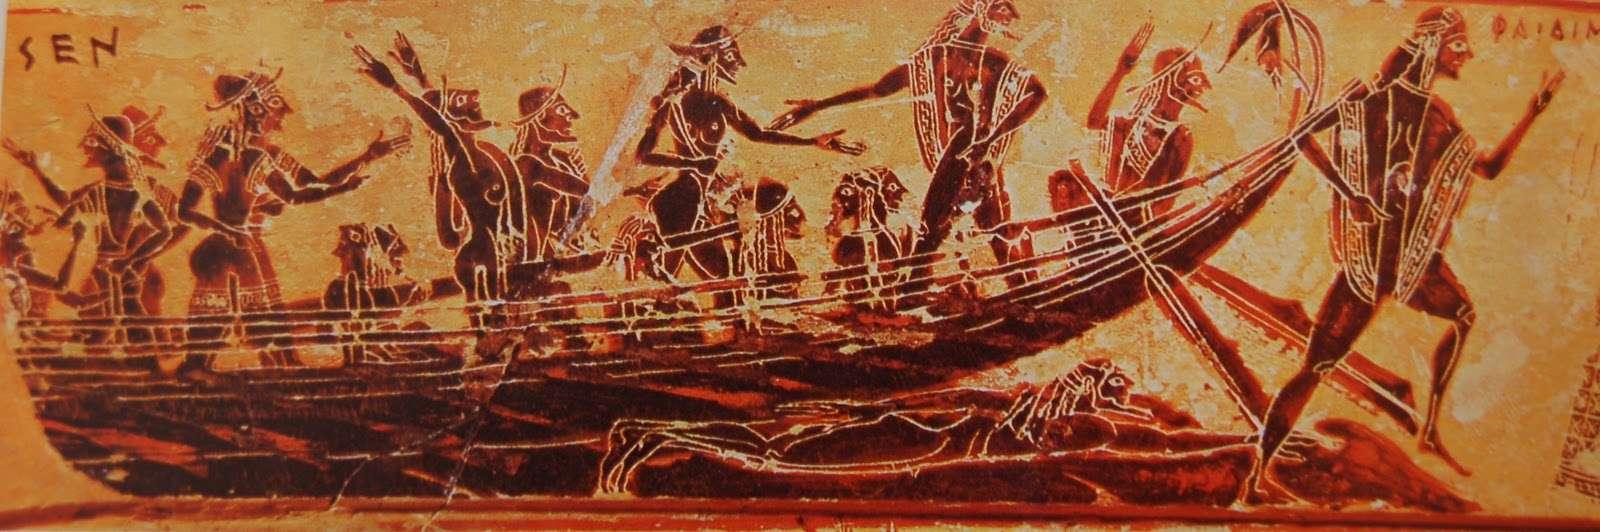 Ετρούσκοι σε πλοία. La marineria etrusca – Cose di Mare.